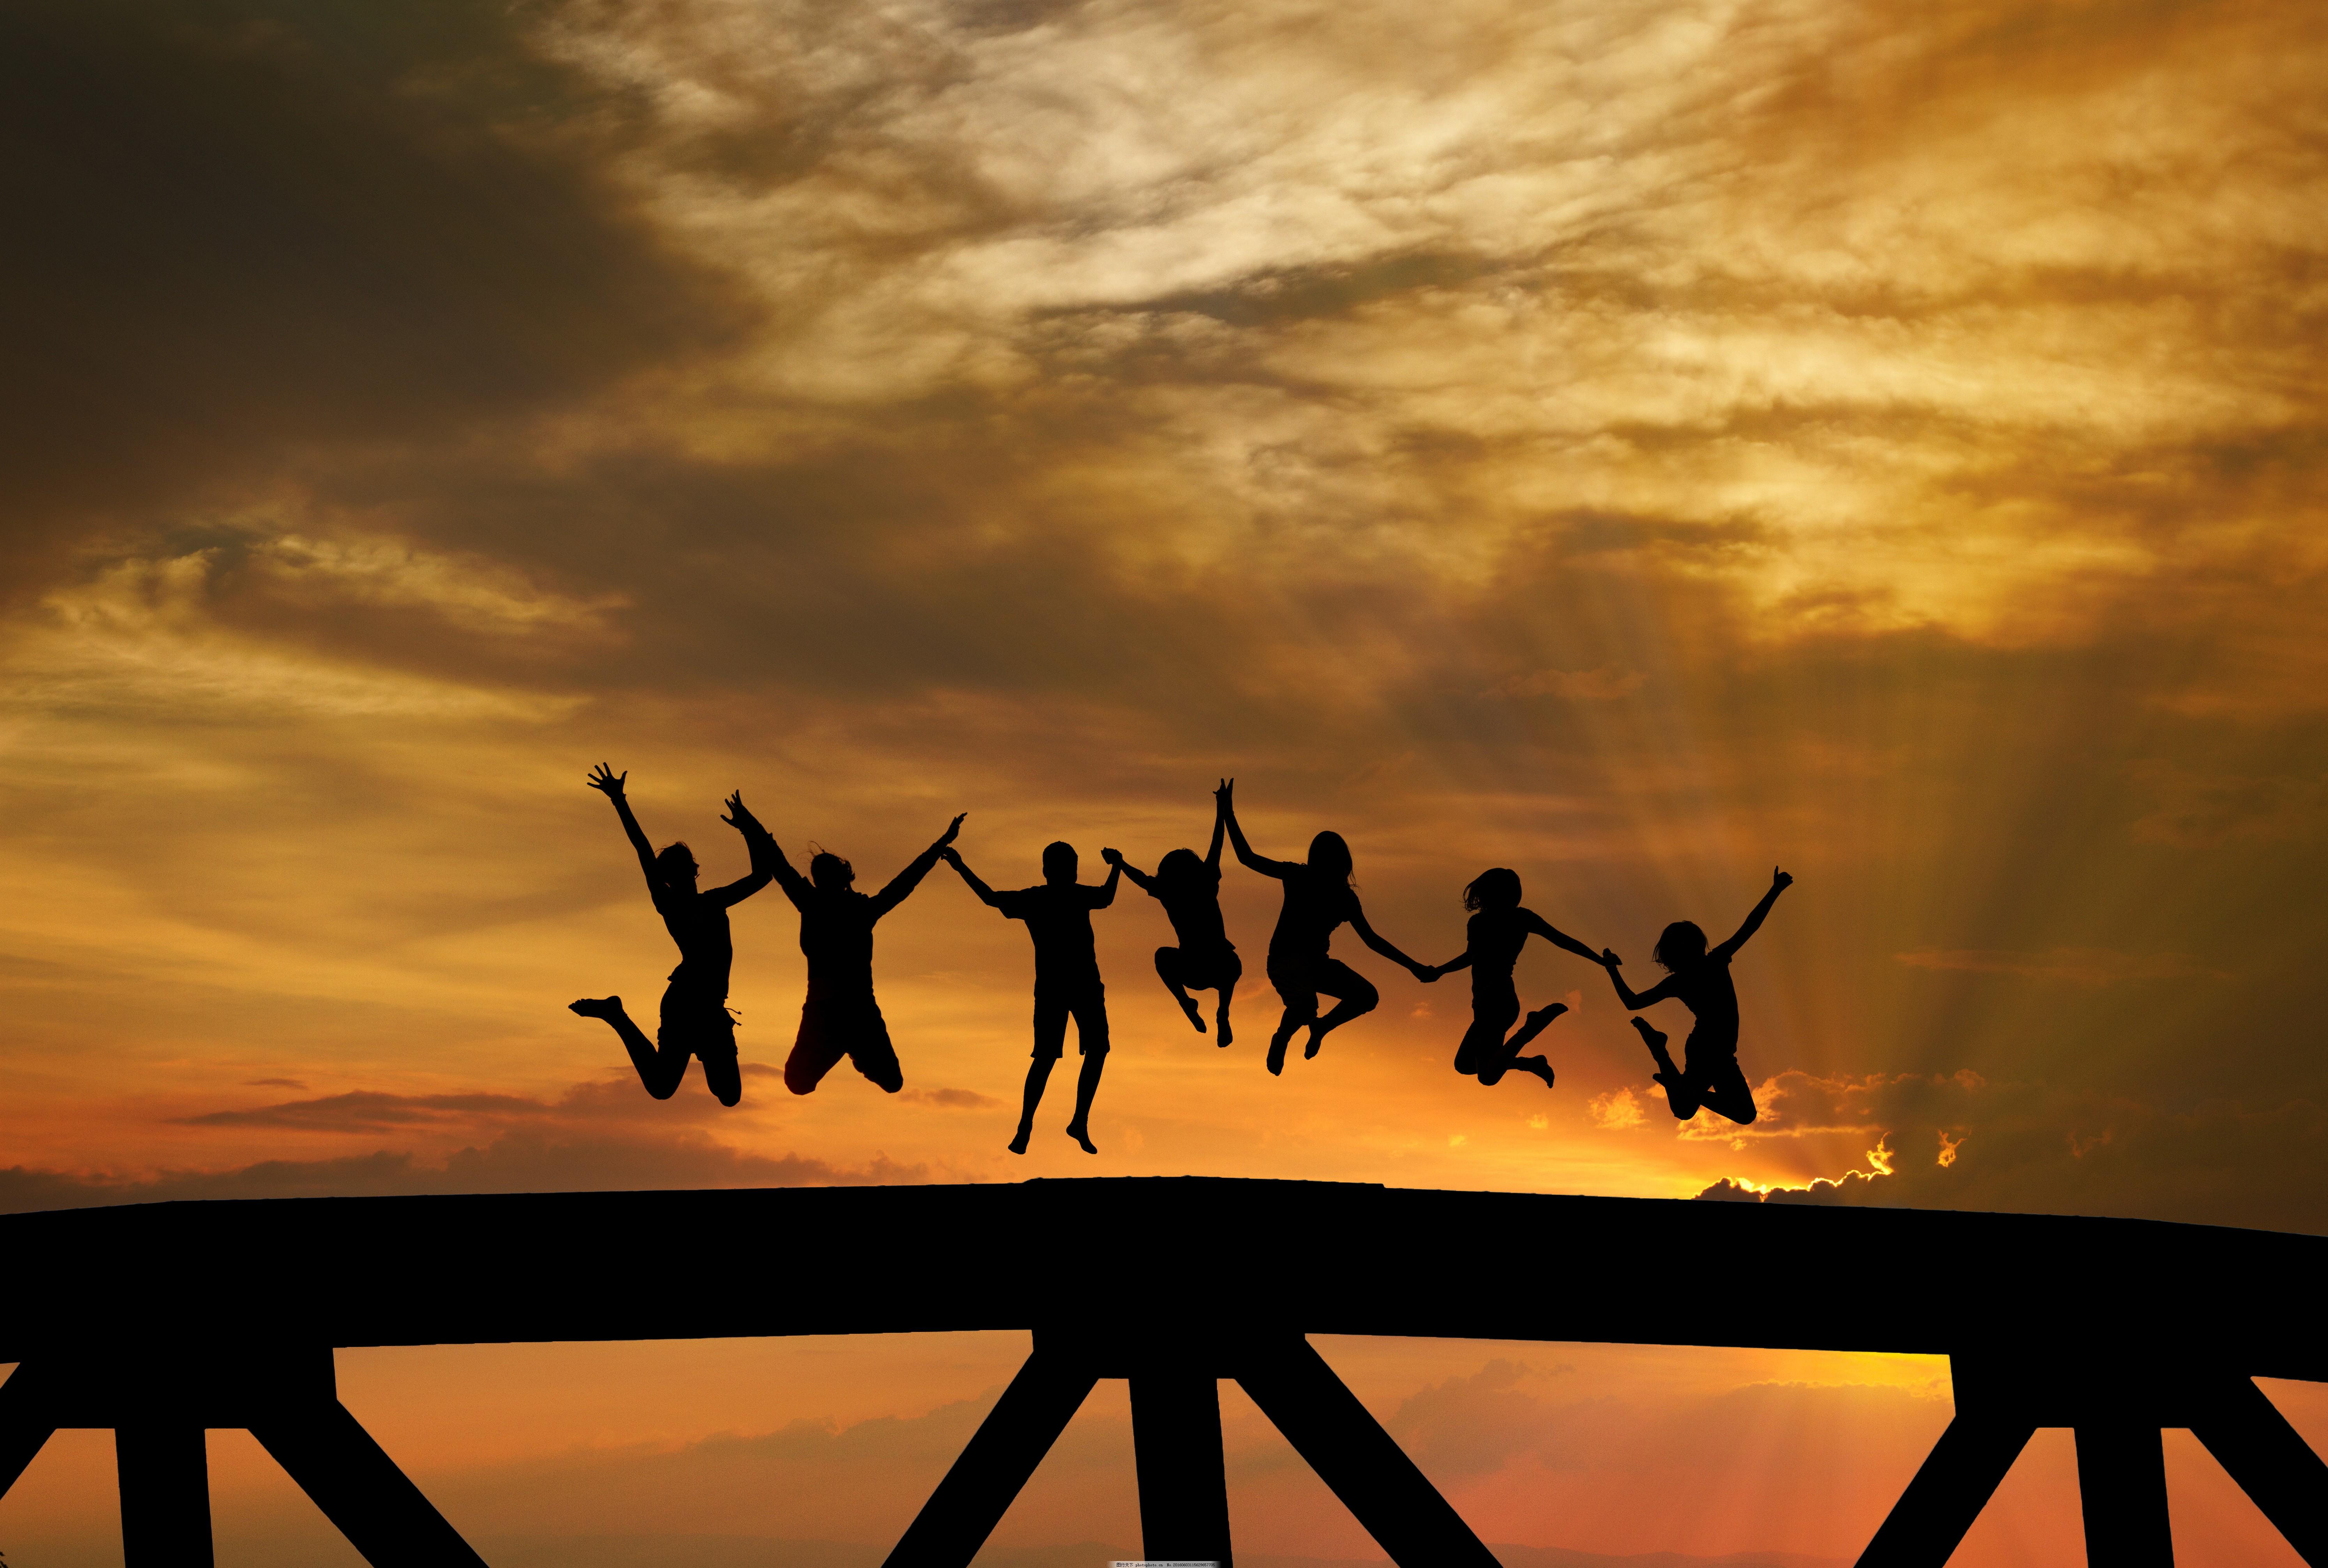 跳跃的人物剪影图片素材 跳跃的人 人物剪影 黄昏 黄昏美景 生活人物